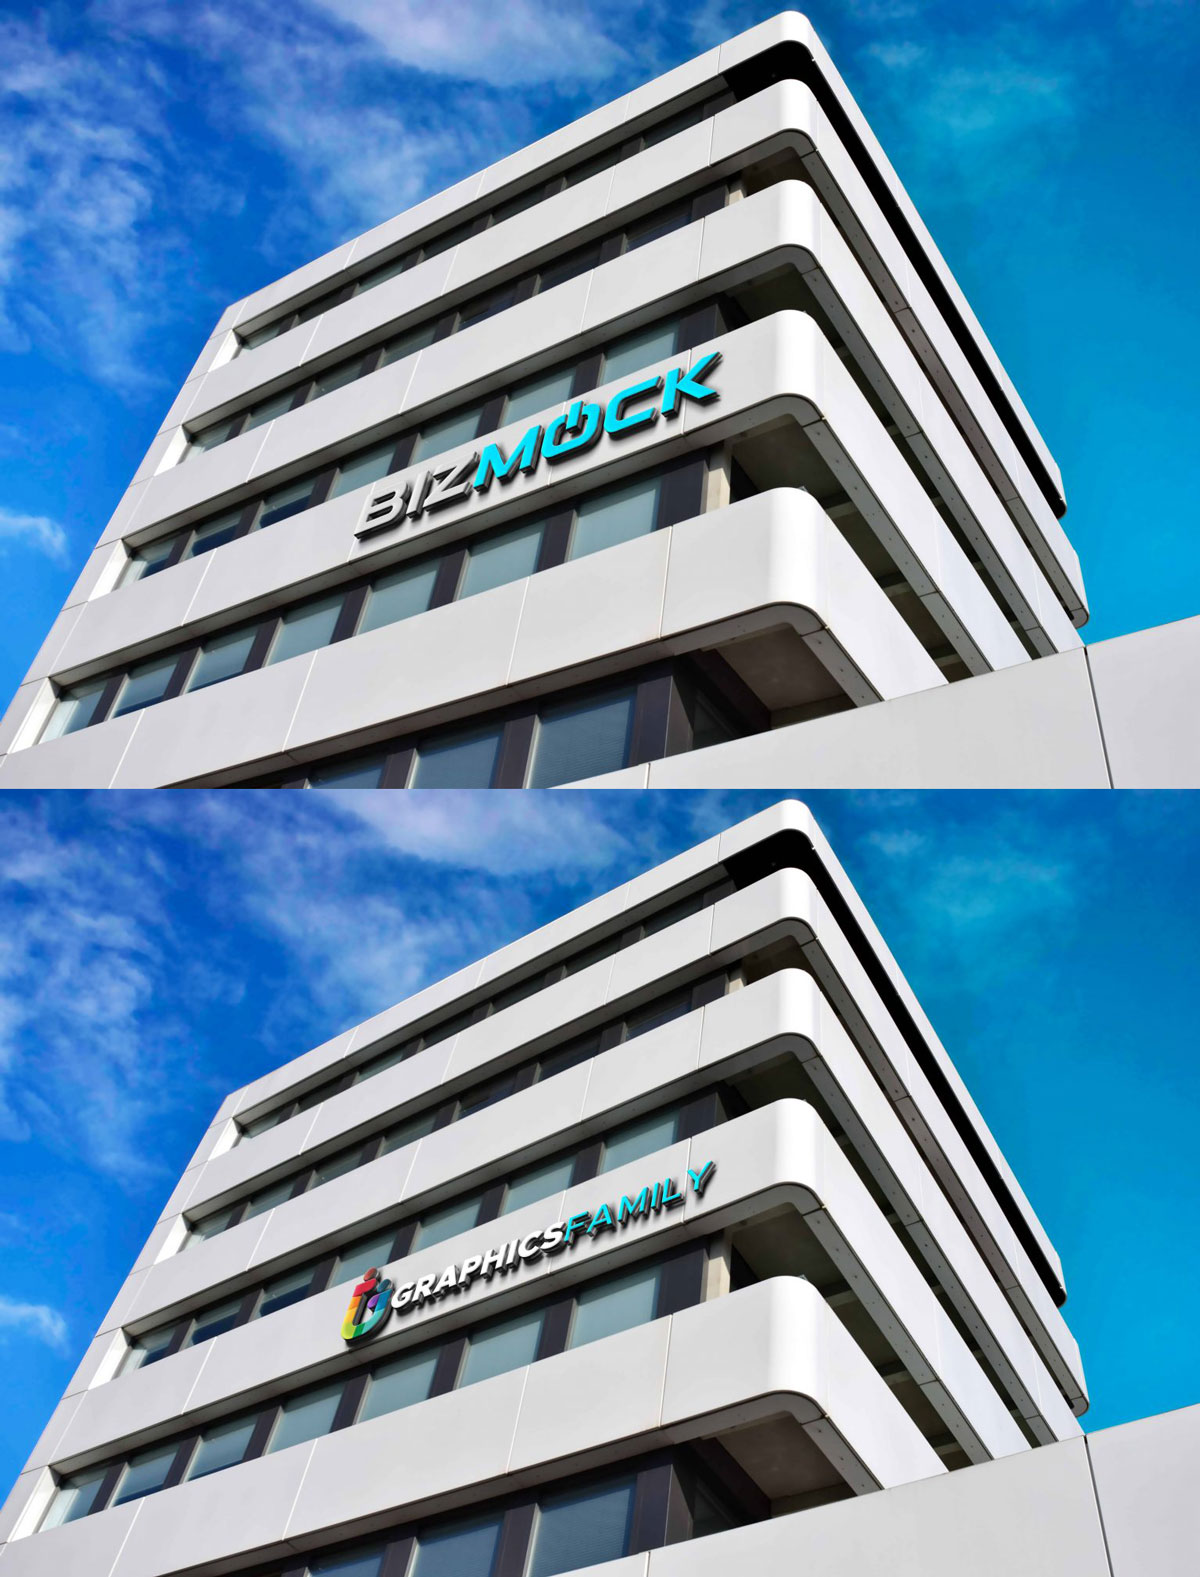 3D Sign Building Logo Mock Up Free Download